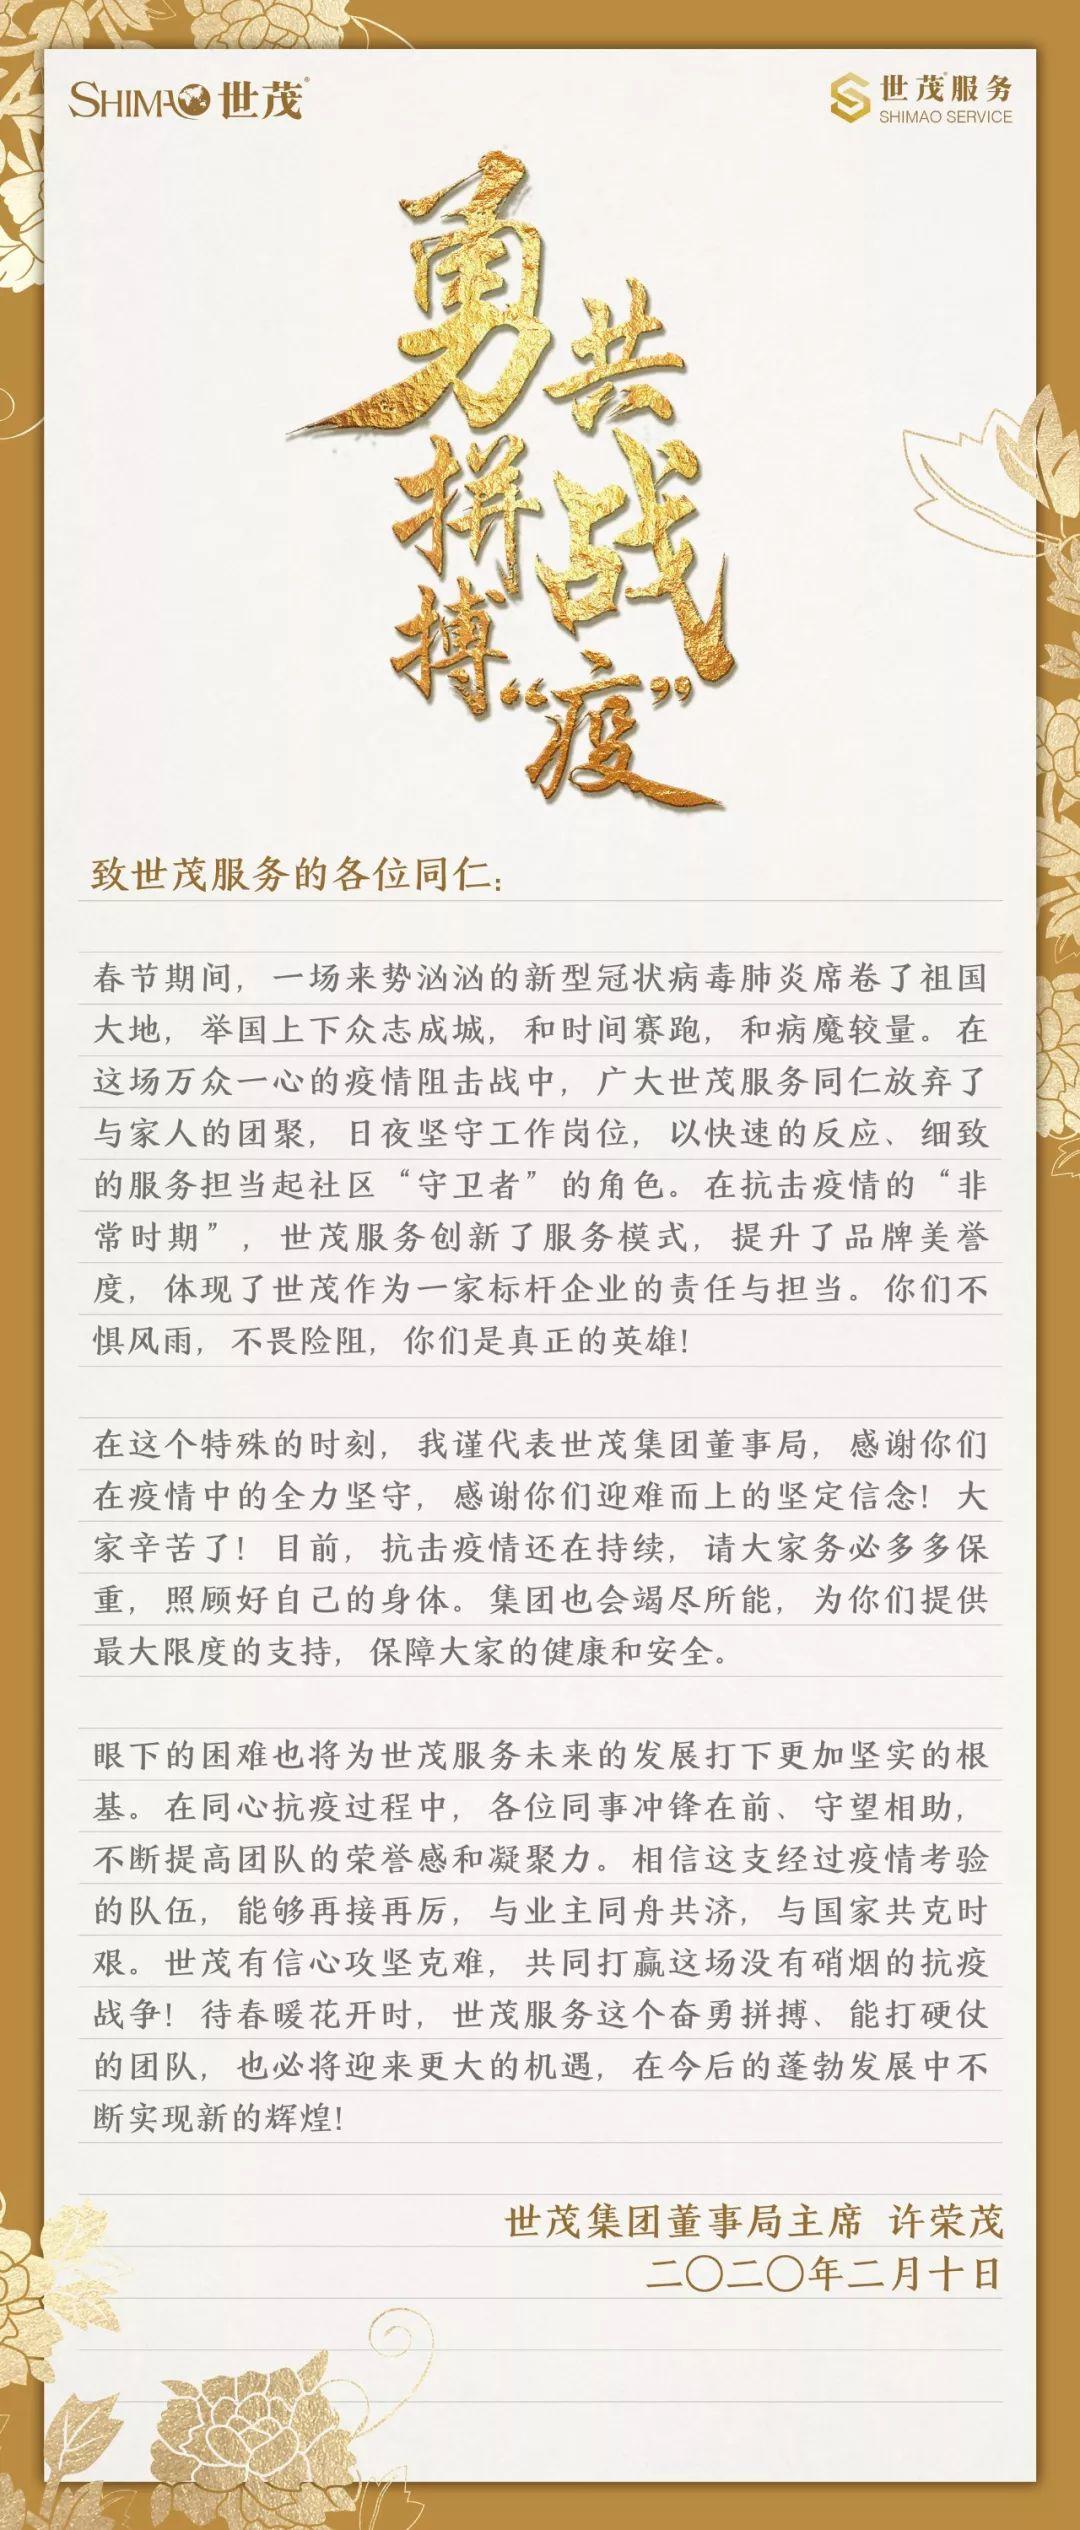 许荣茂:与业主同舟共济 与国家共克时坚